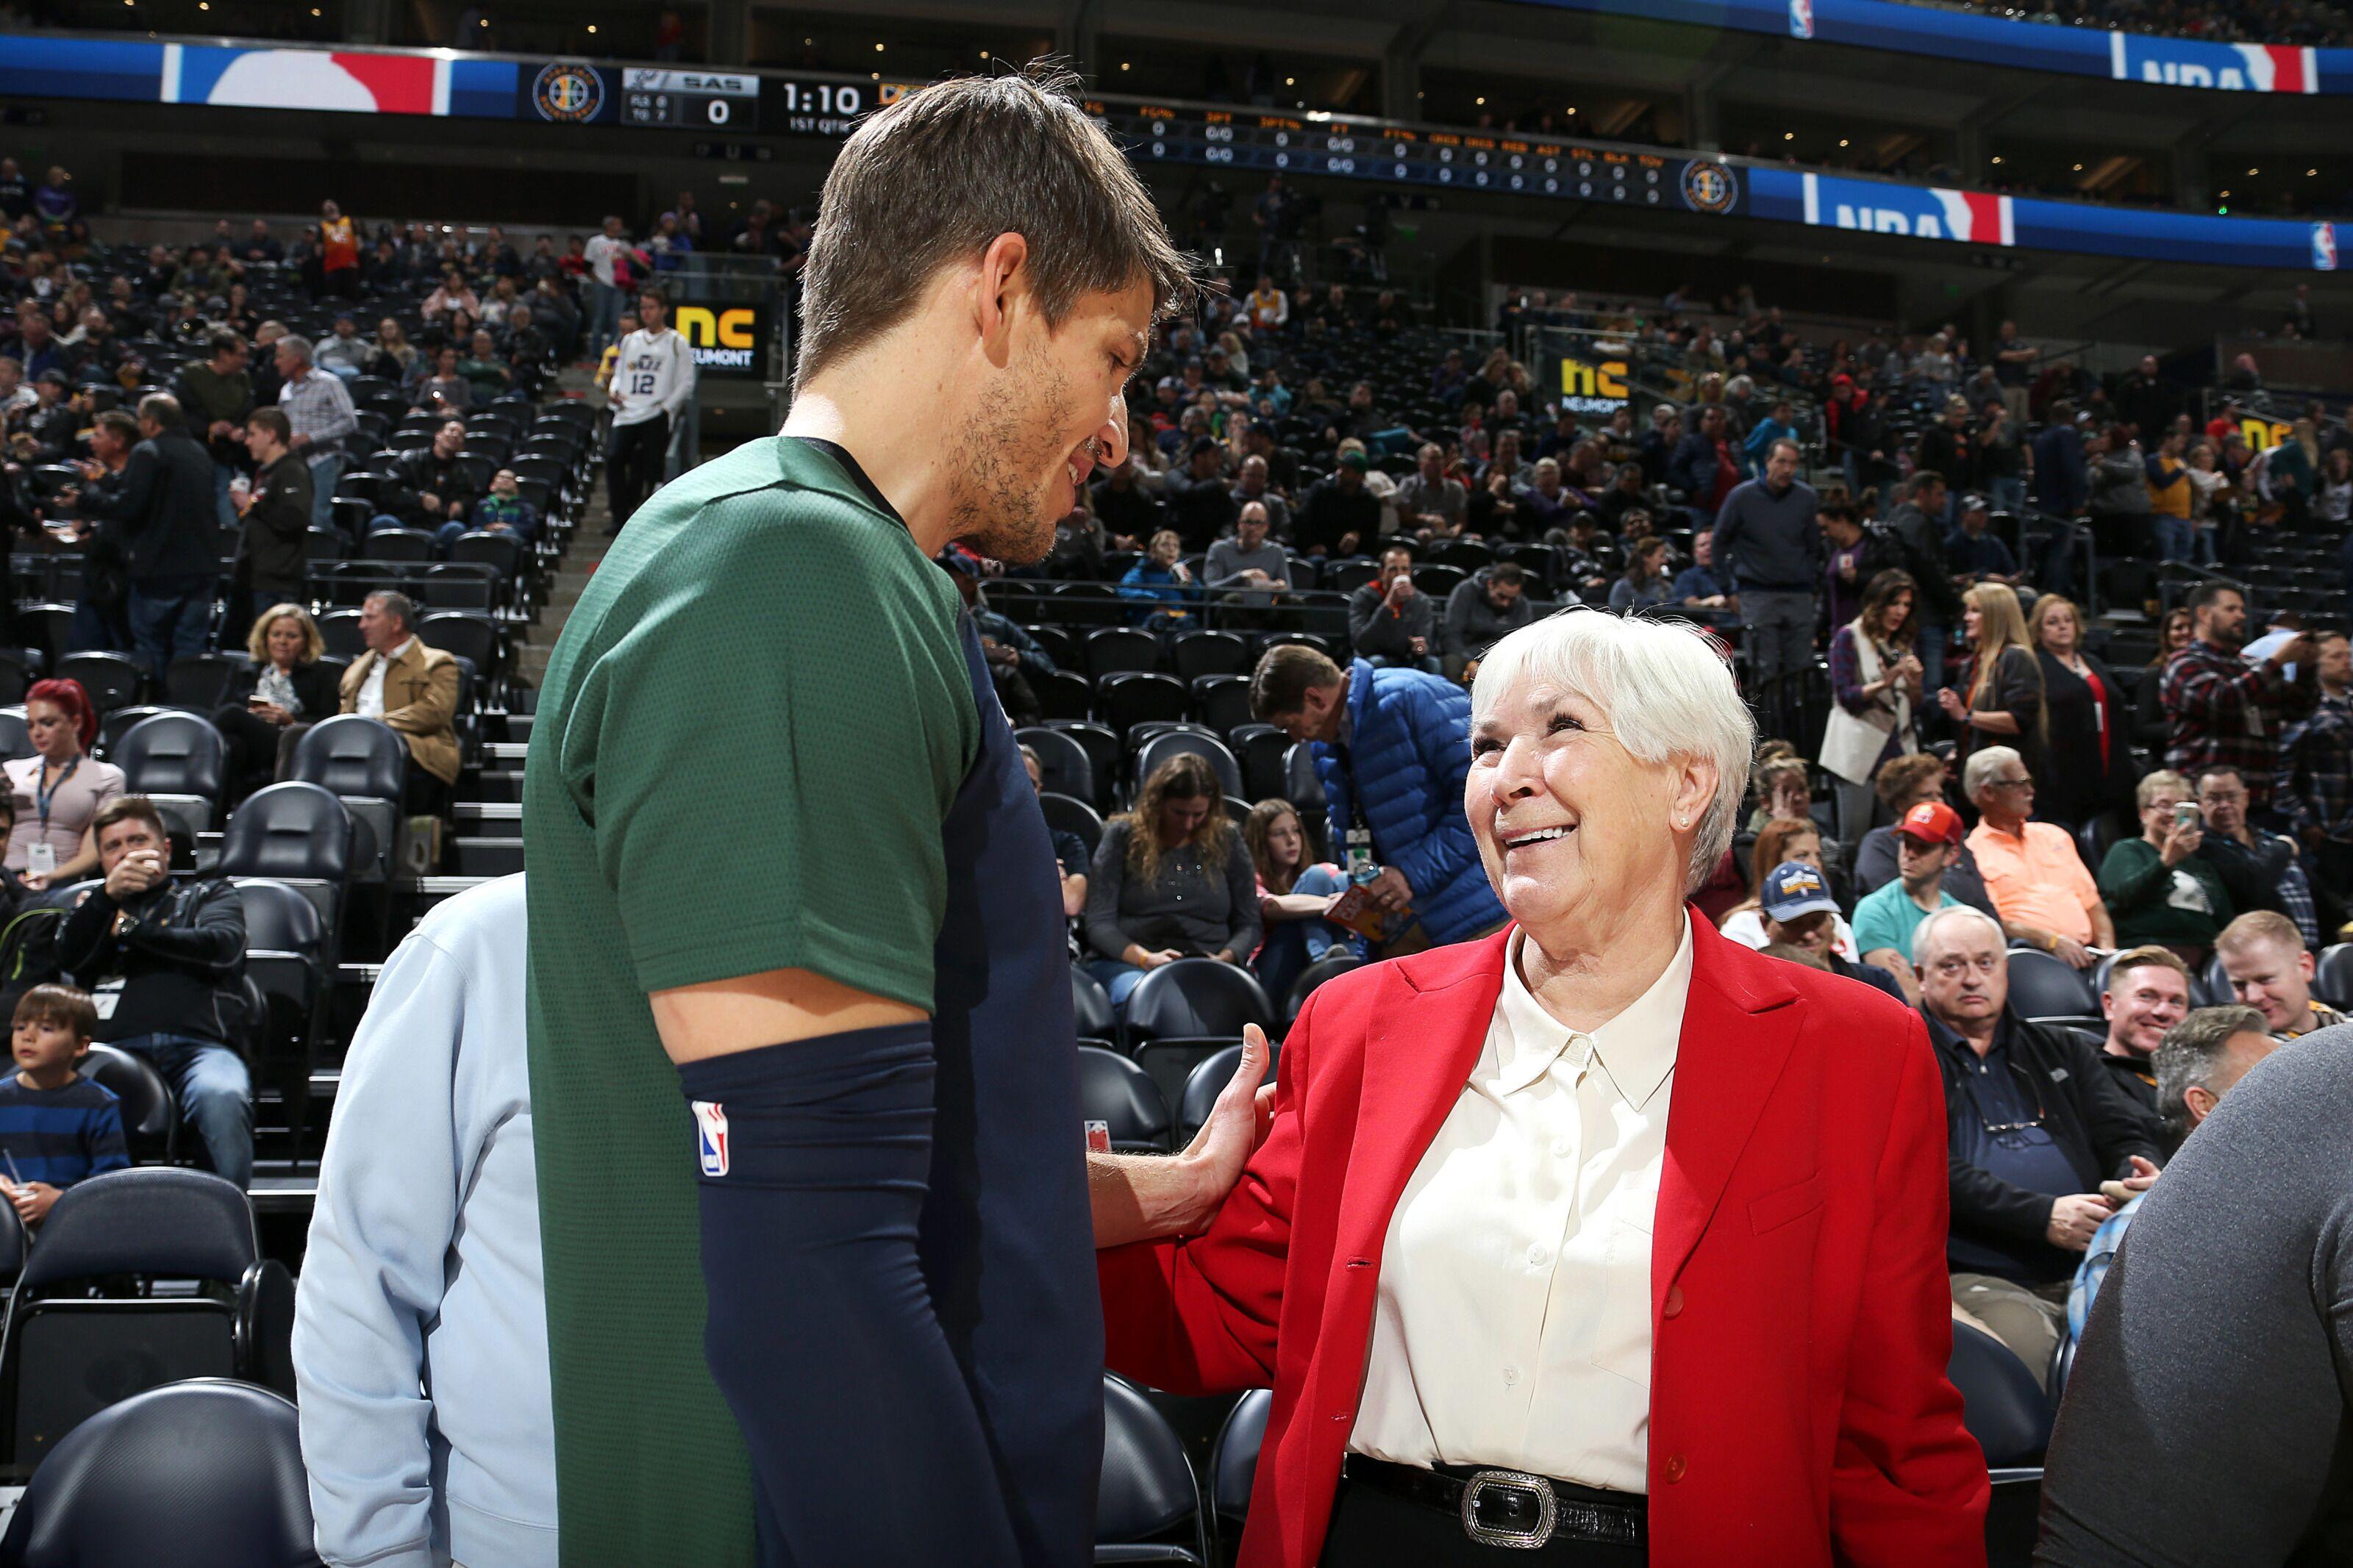 Utah Jazz: Gail Miller to receive Horizon Award from Congress